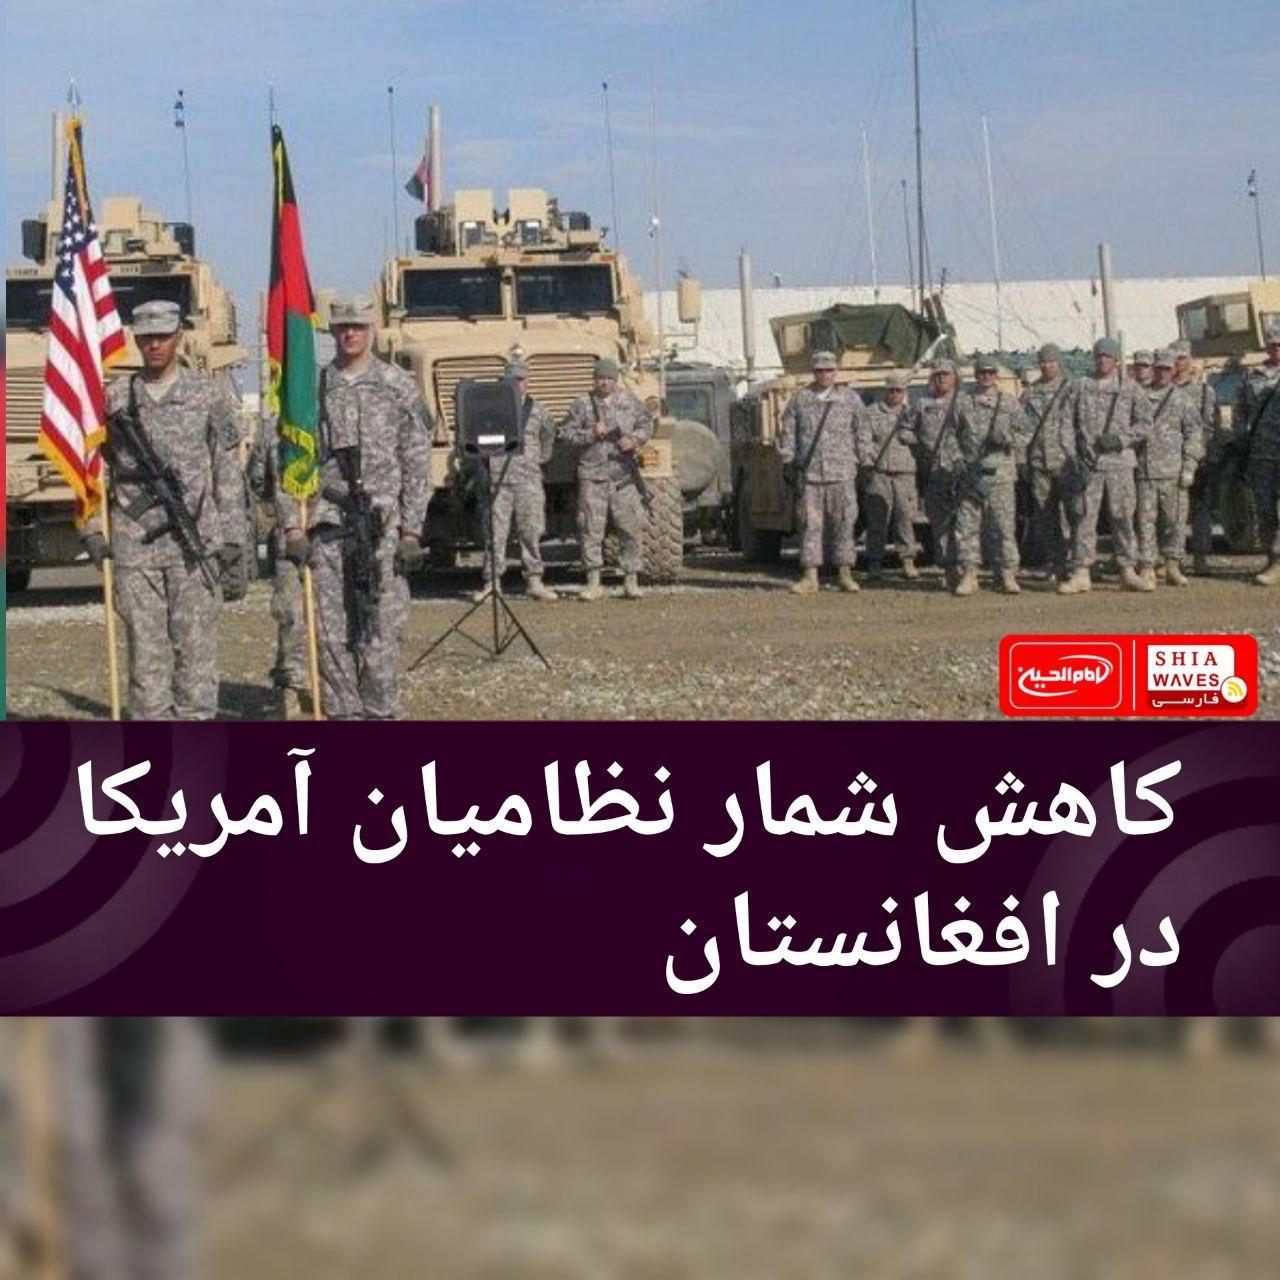 تصویر کاهش شمار نظامیان آمریکا در افغانستان